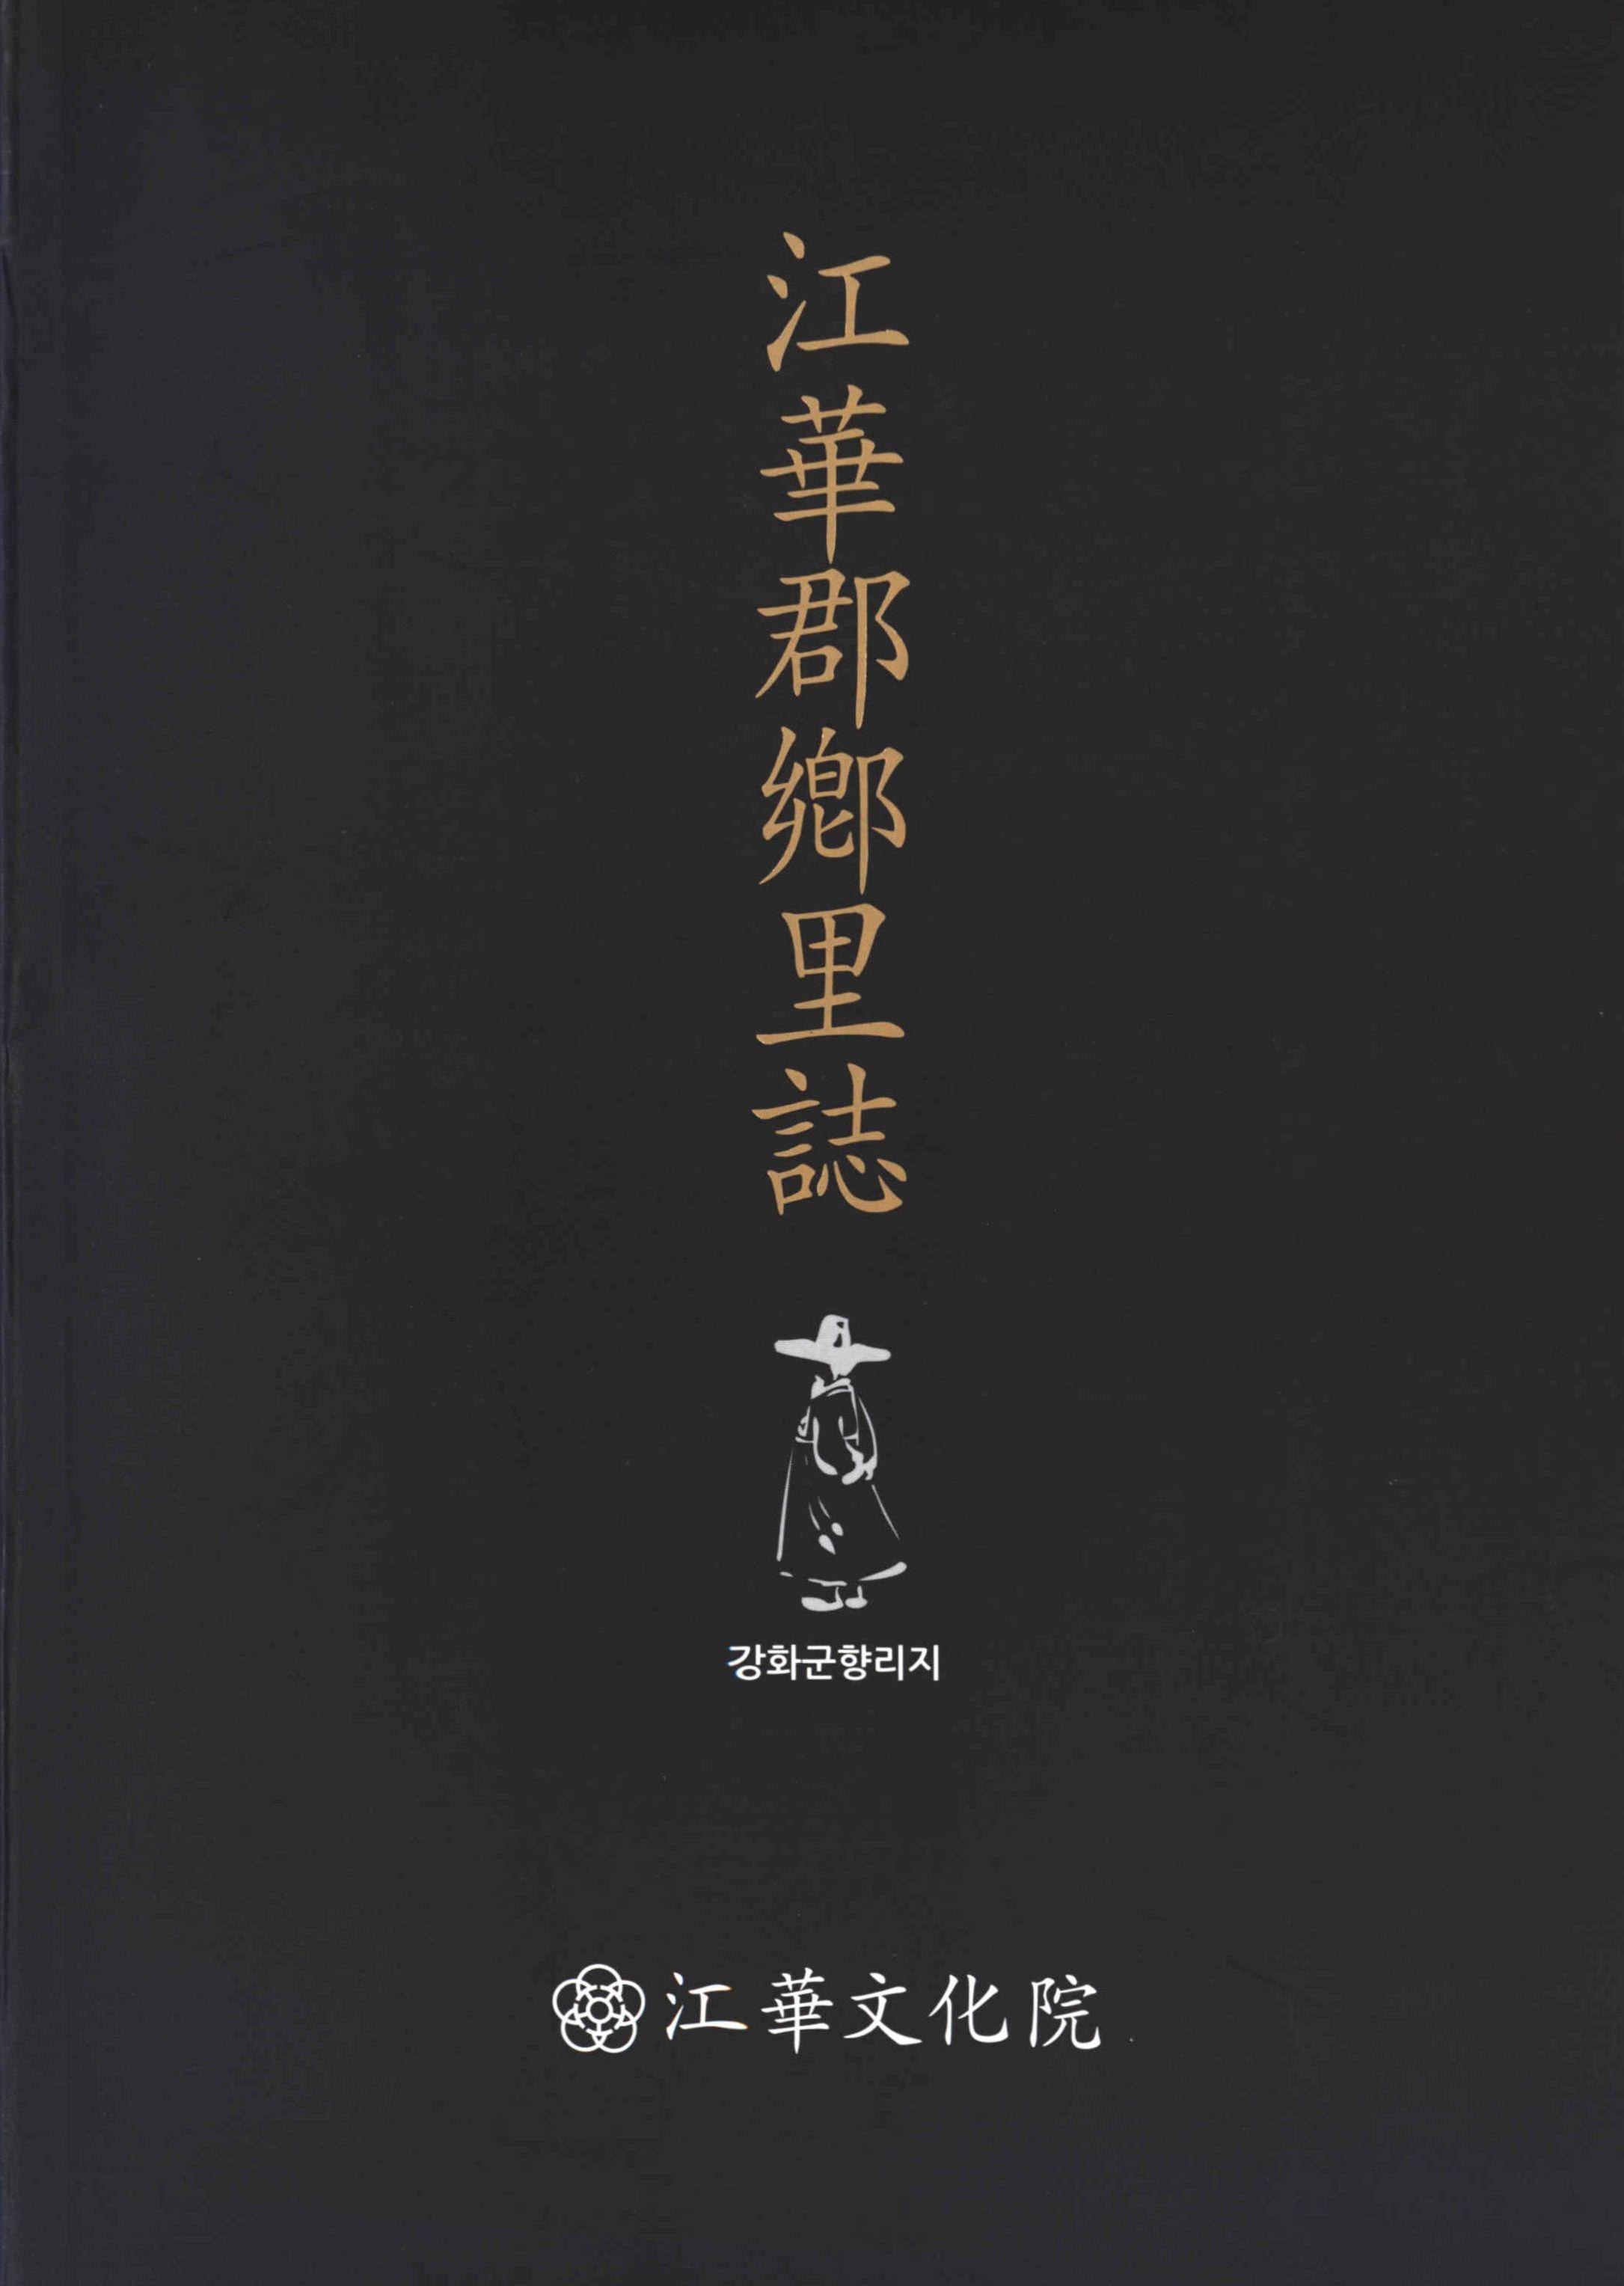 江華郡 鄕里誌 (강화군 향리지)